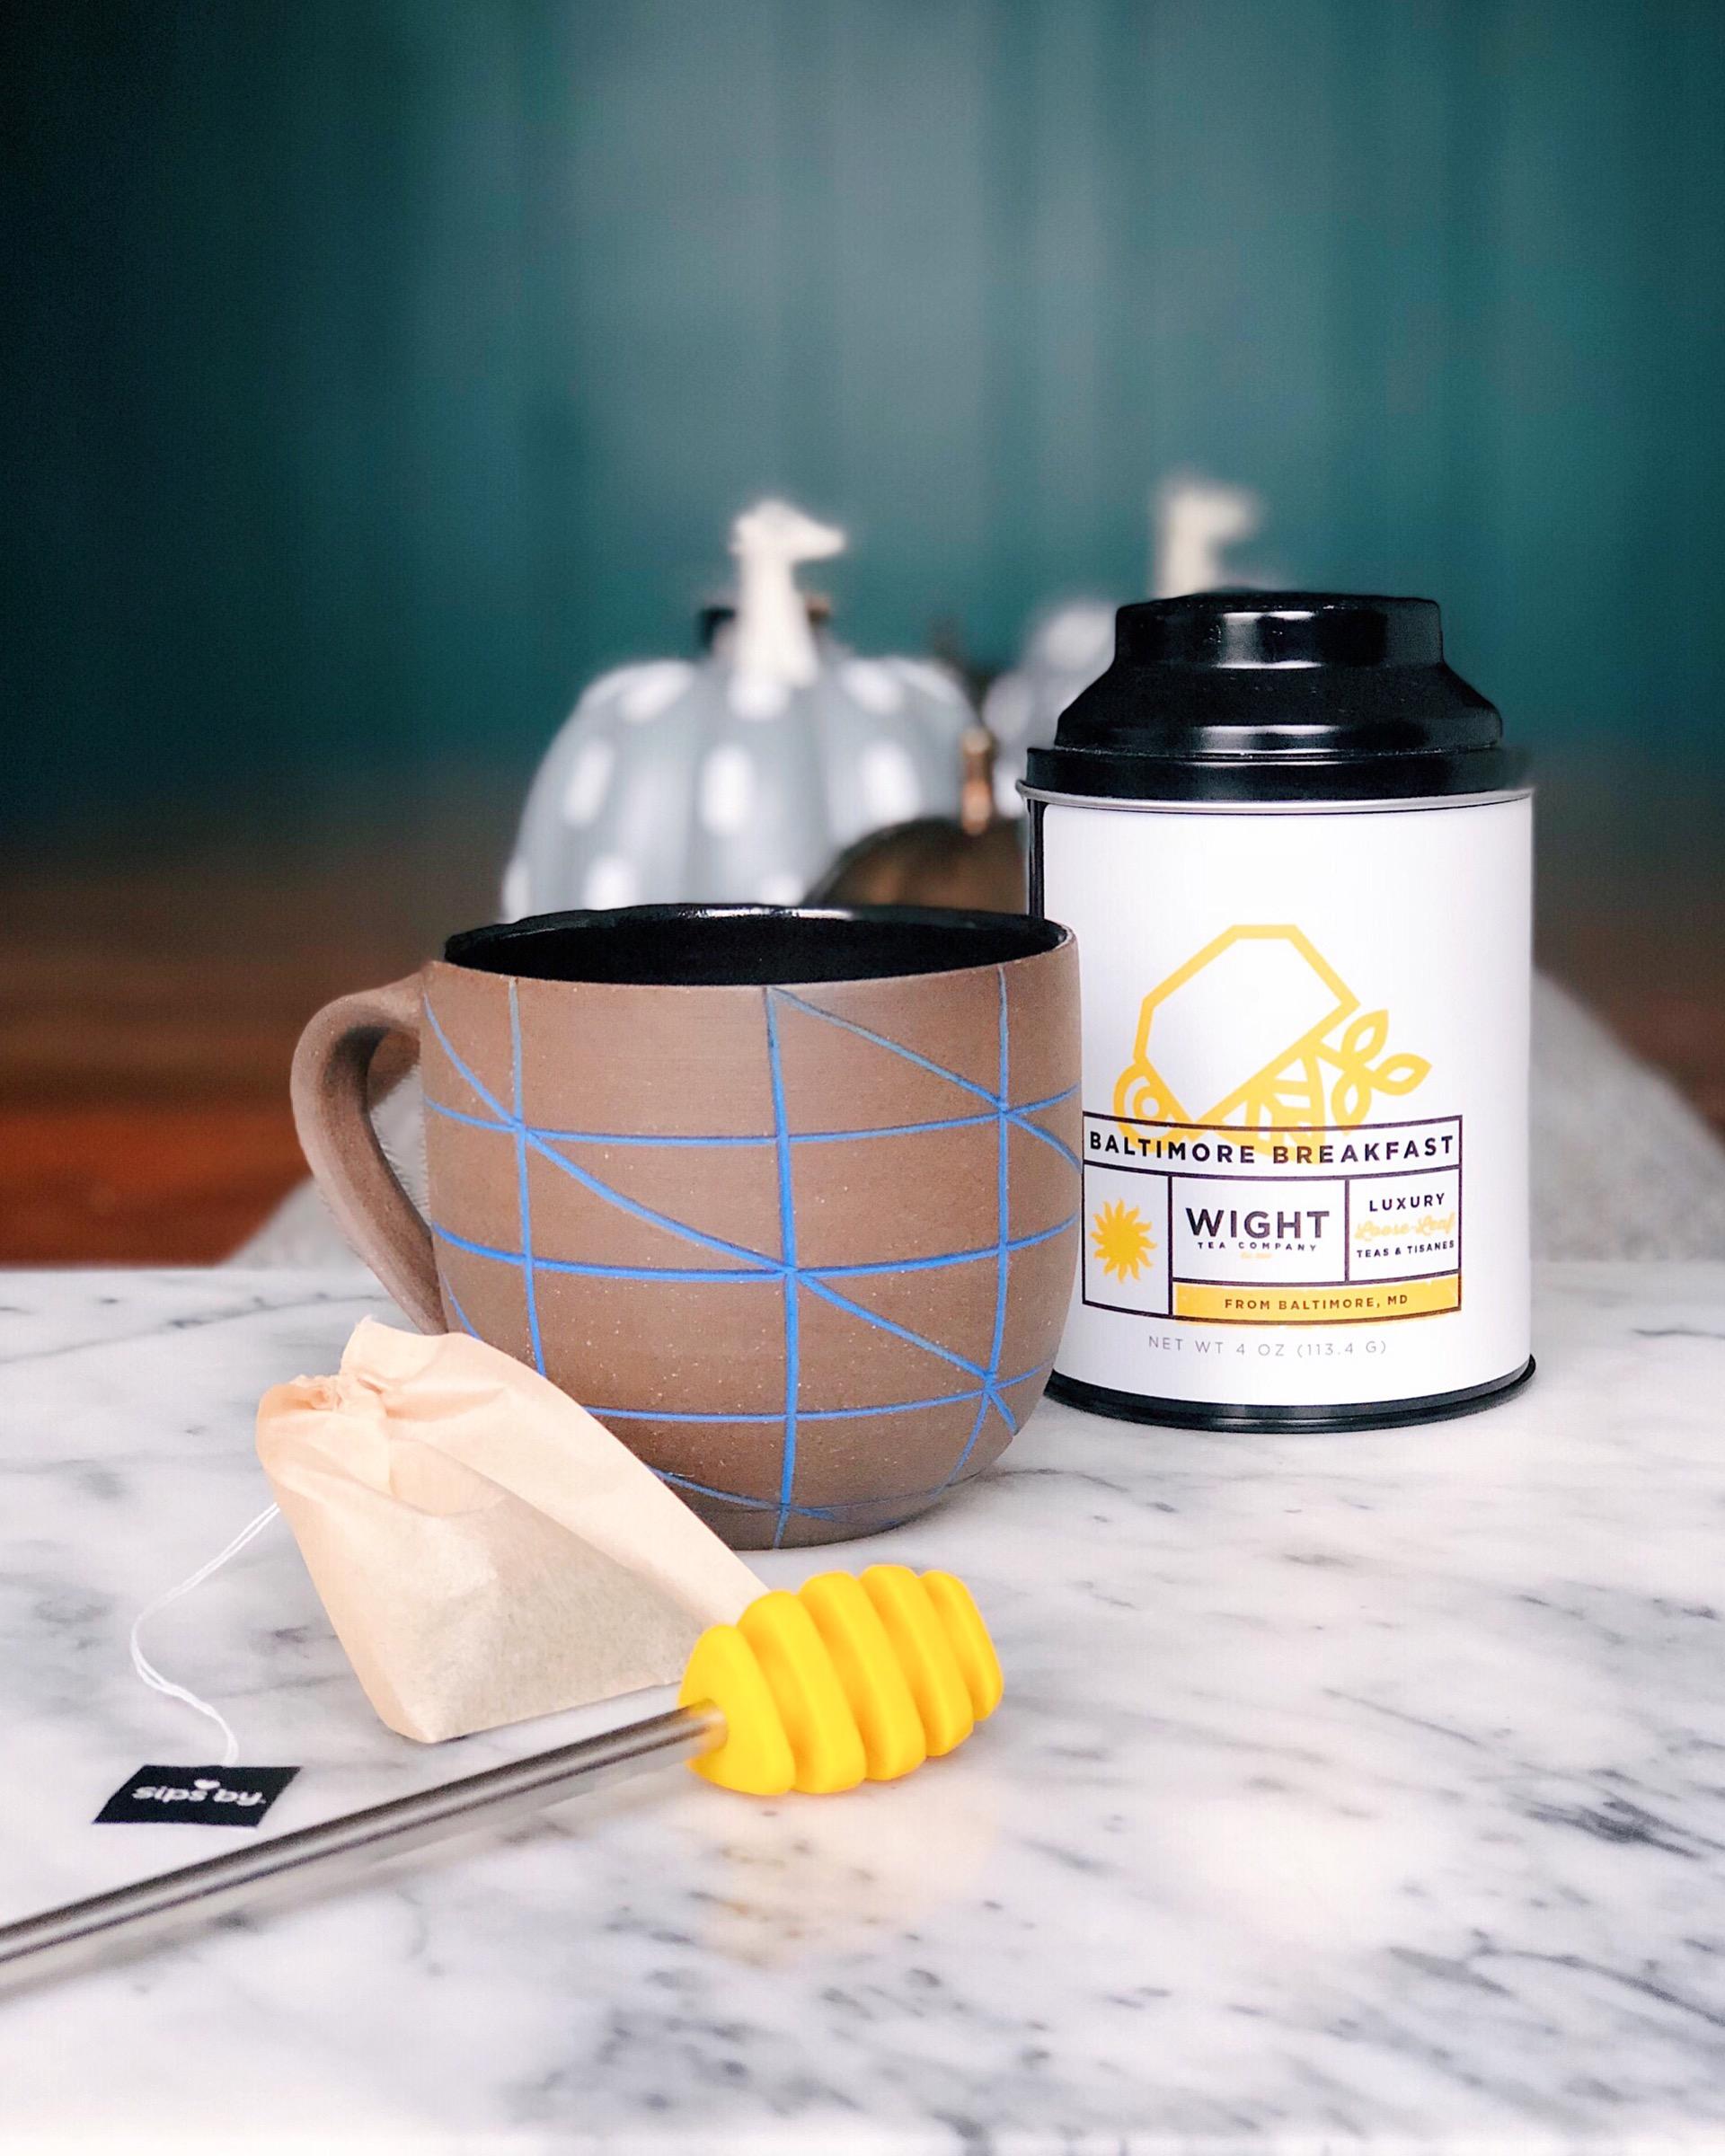 wight_tea_baltimore_breakfast_hollowwork_ceramics_honey_dipper_reidy_creative.jpeg